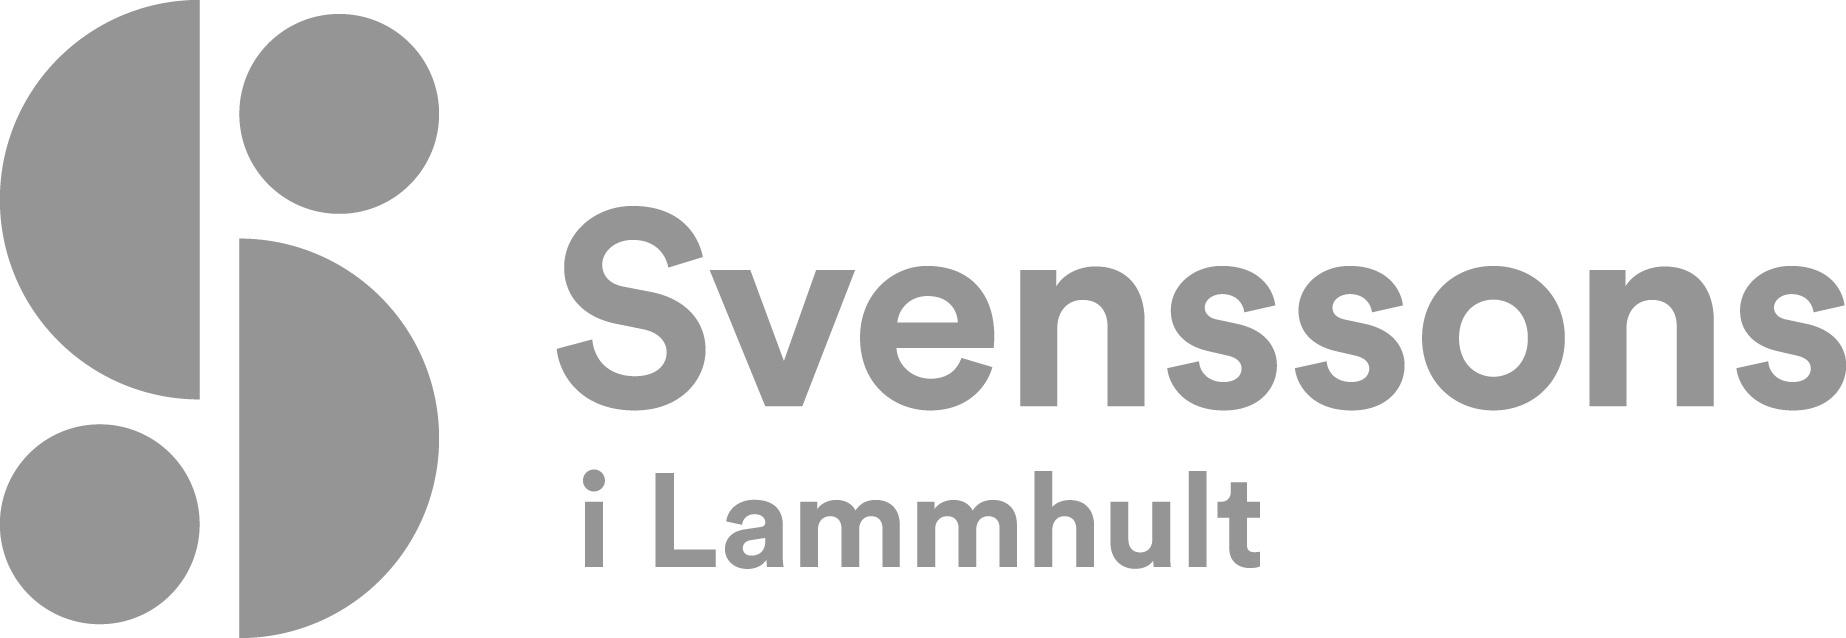 Svenssons_grey_logo.jpg